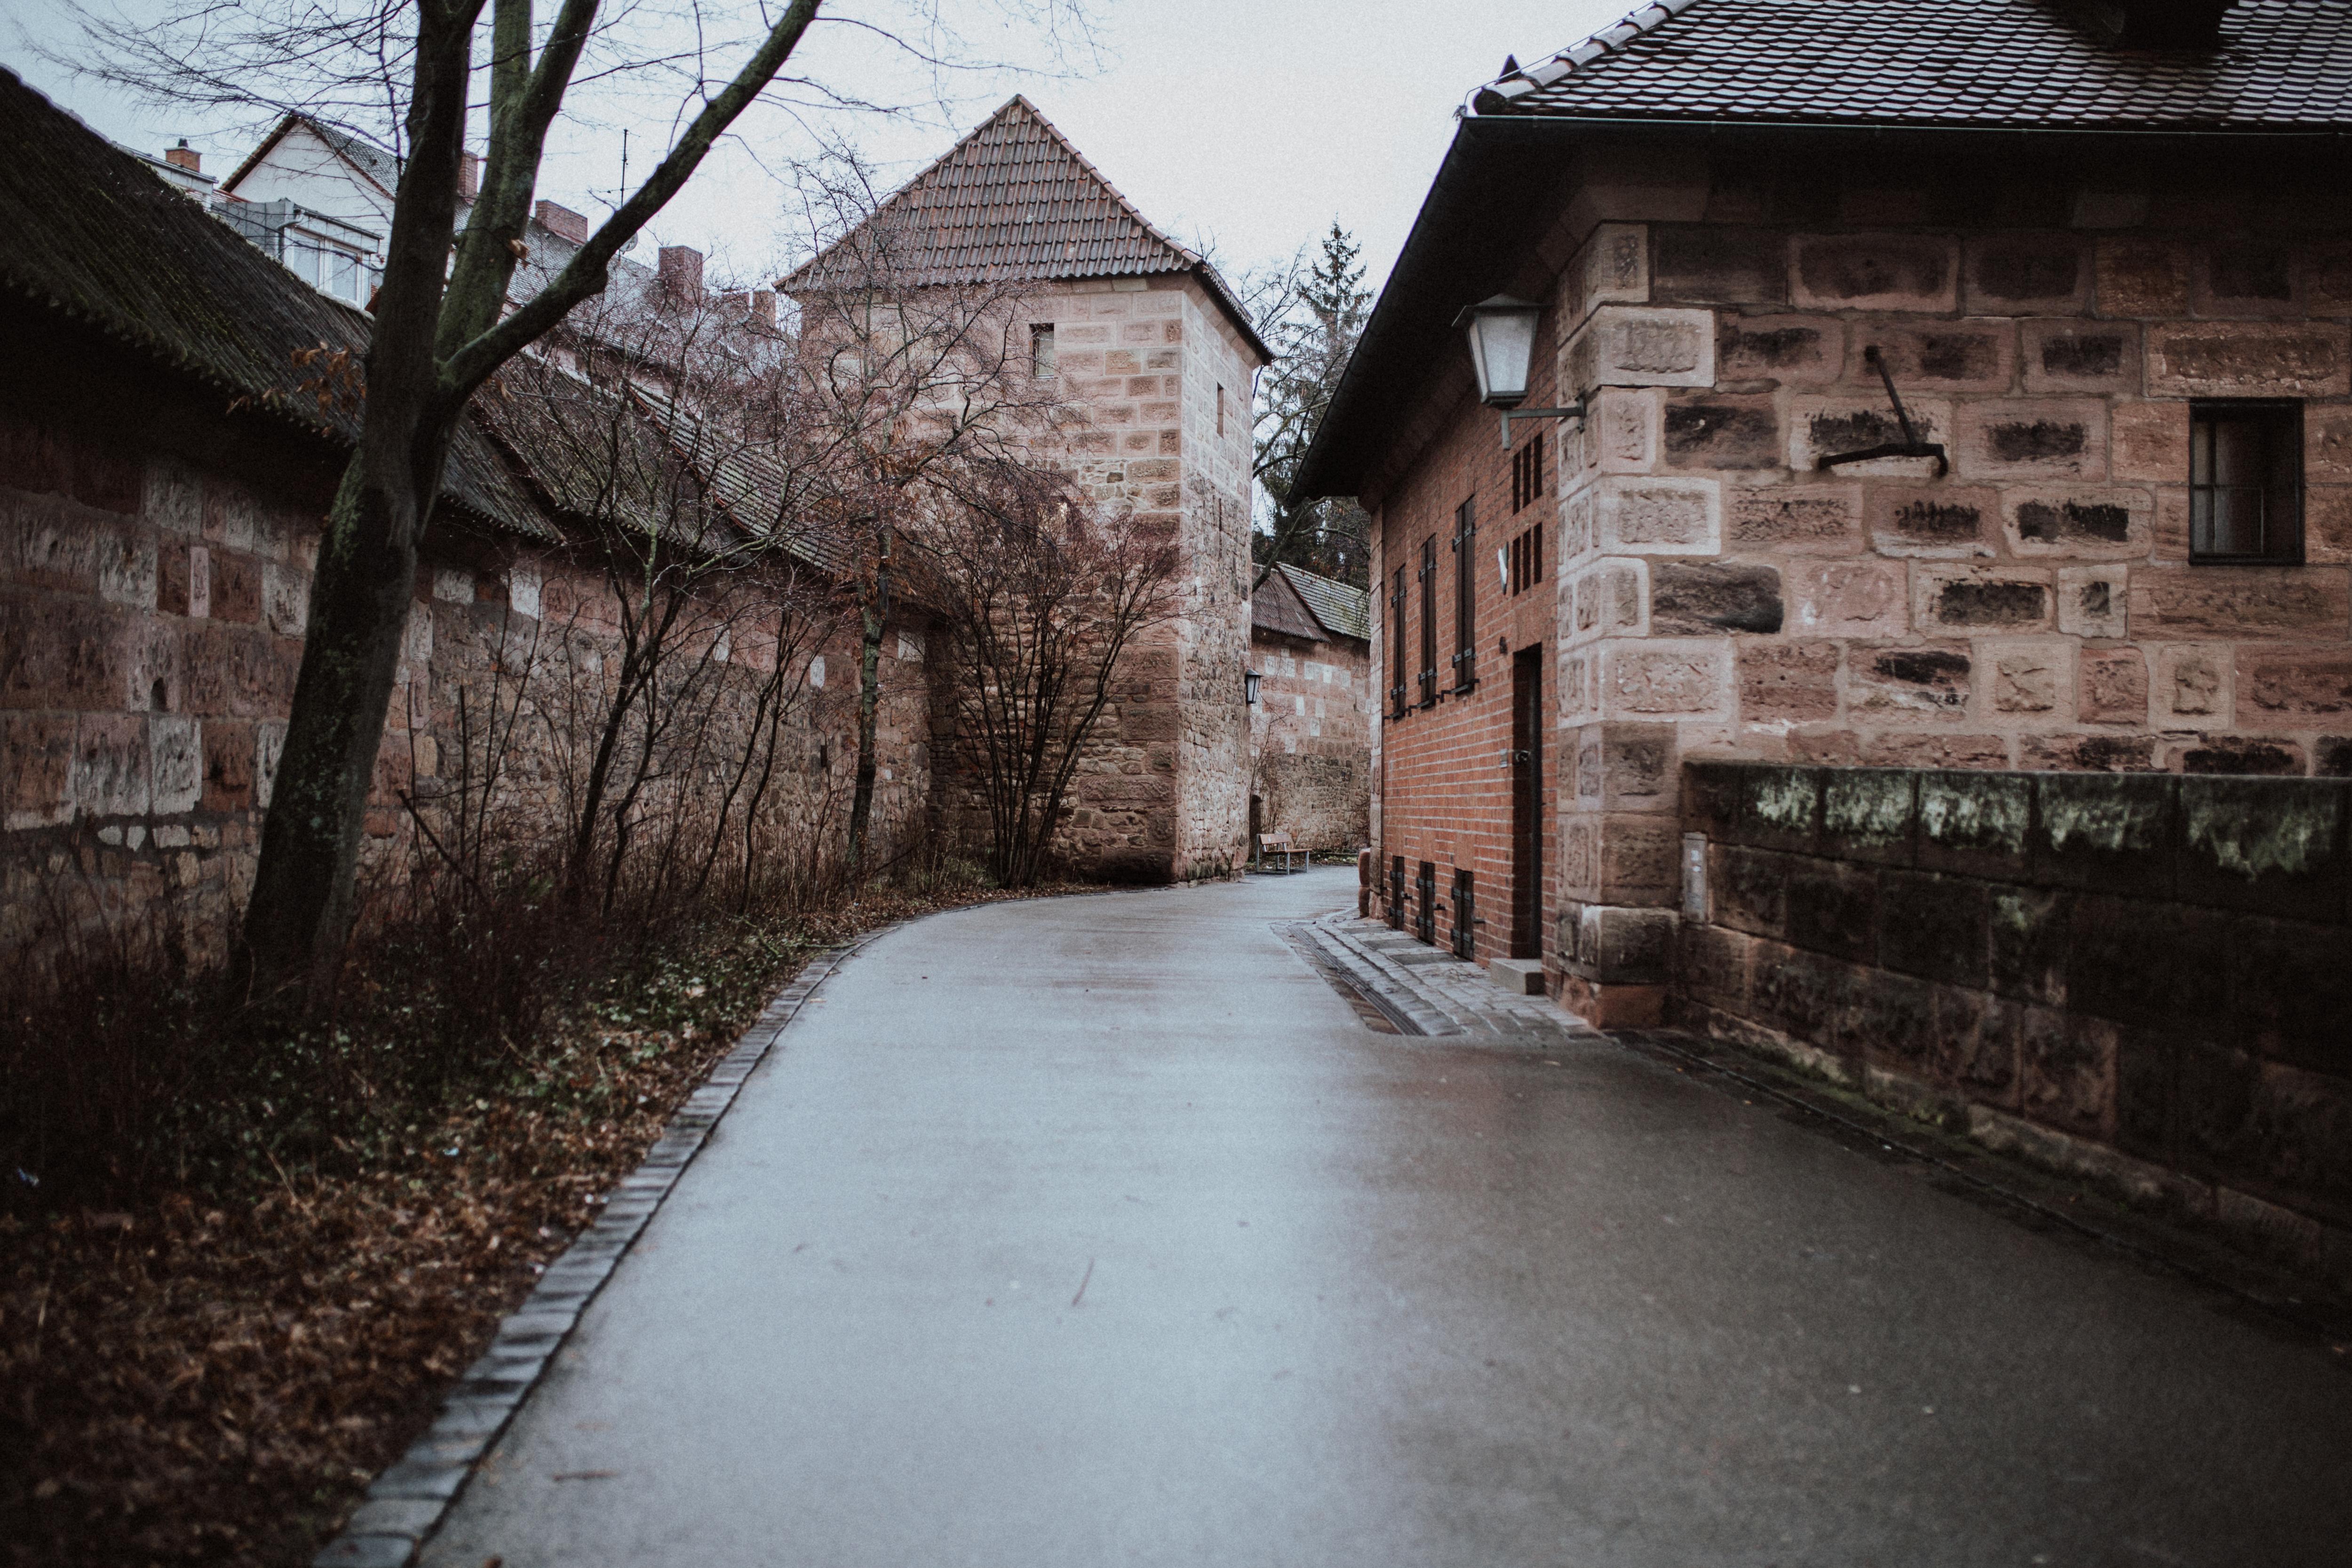 URBANERIE_Daniela_Goth_Hochzeitsfotografin_Nürnberg_Fürth_Erlangen_Schwabach_180120_0034